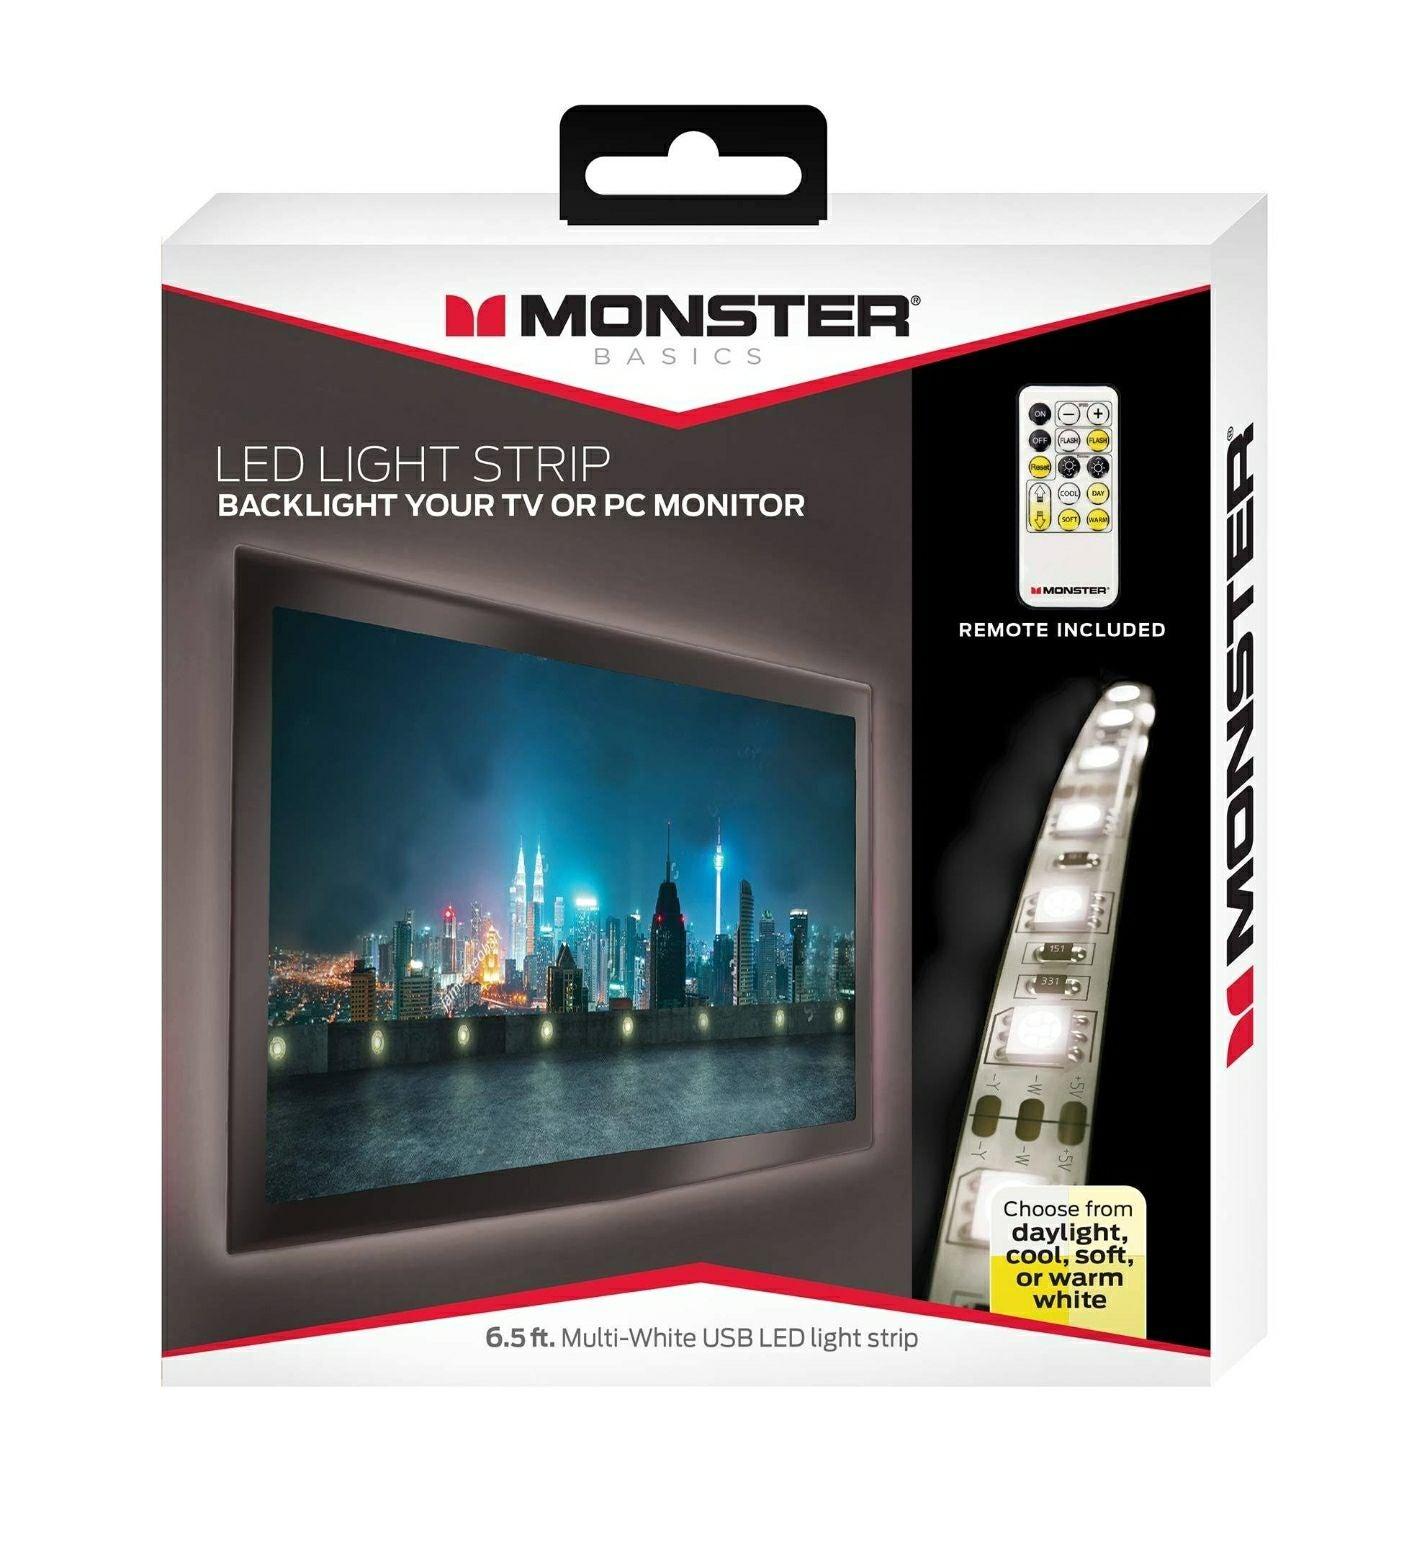 LED Light Strip monster